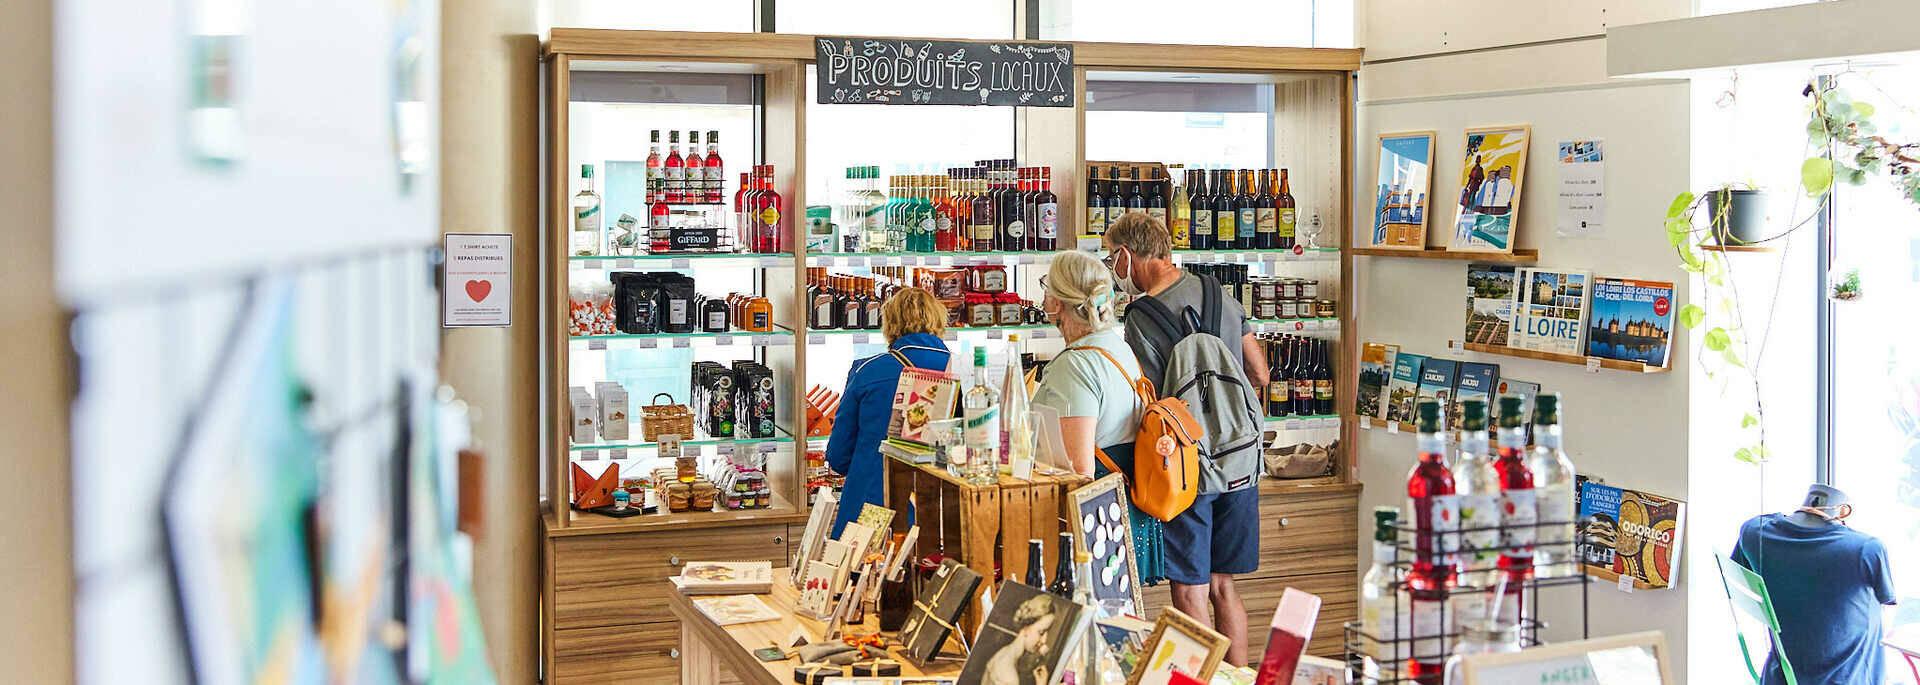 Boutique Office de Tourisme - Angers